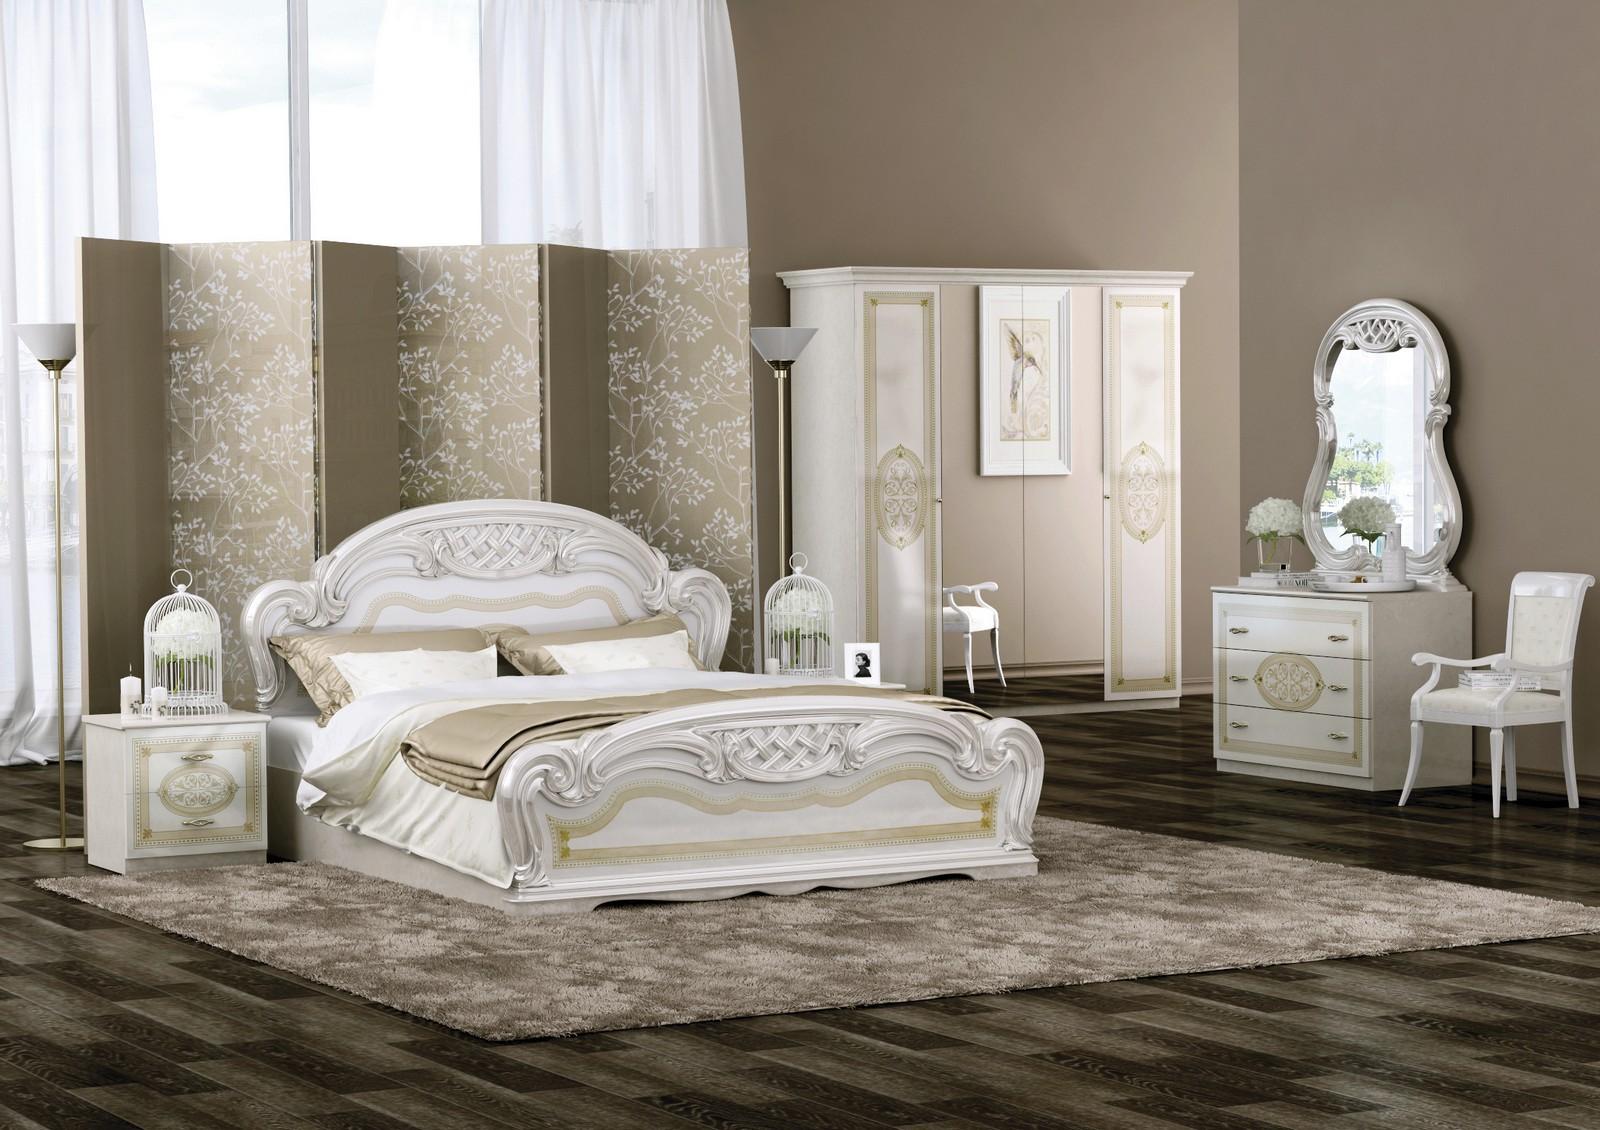 Italienische schlafzimmer   temiz möbel, italienische möbel ...